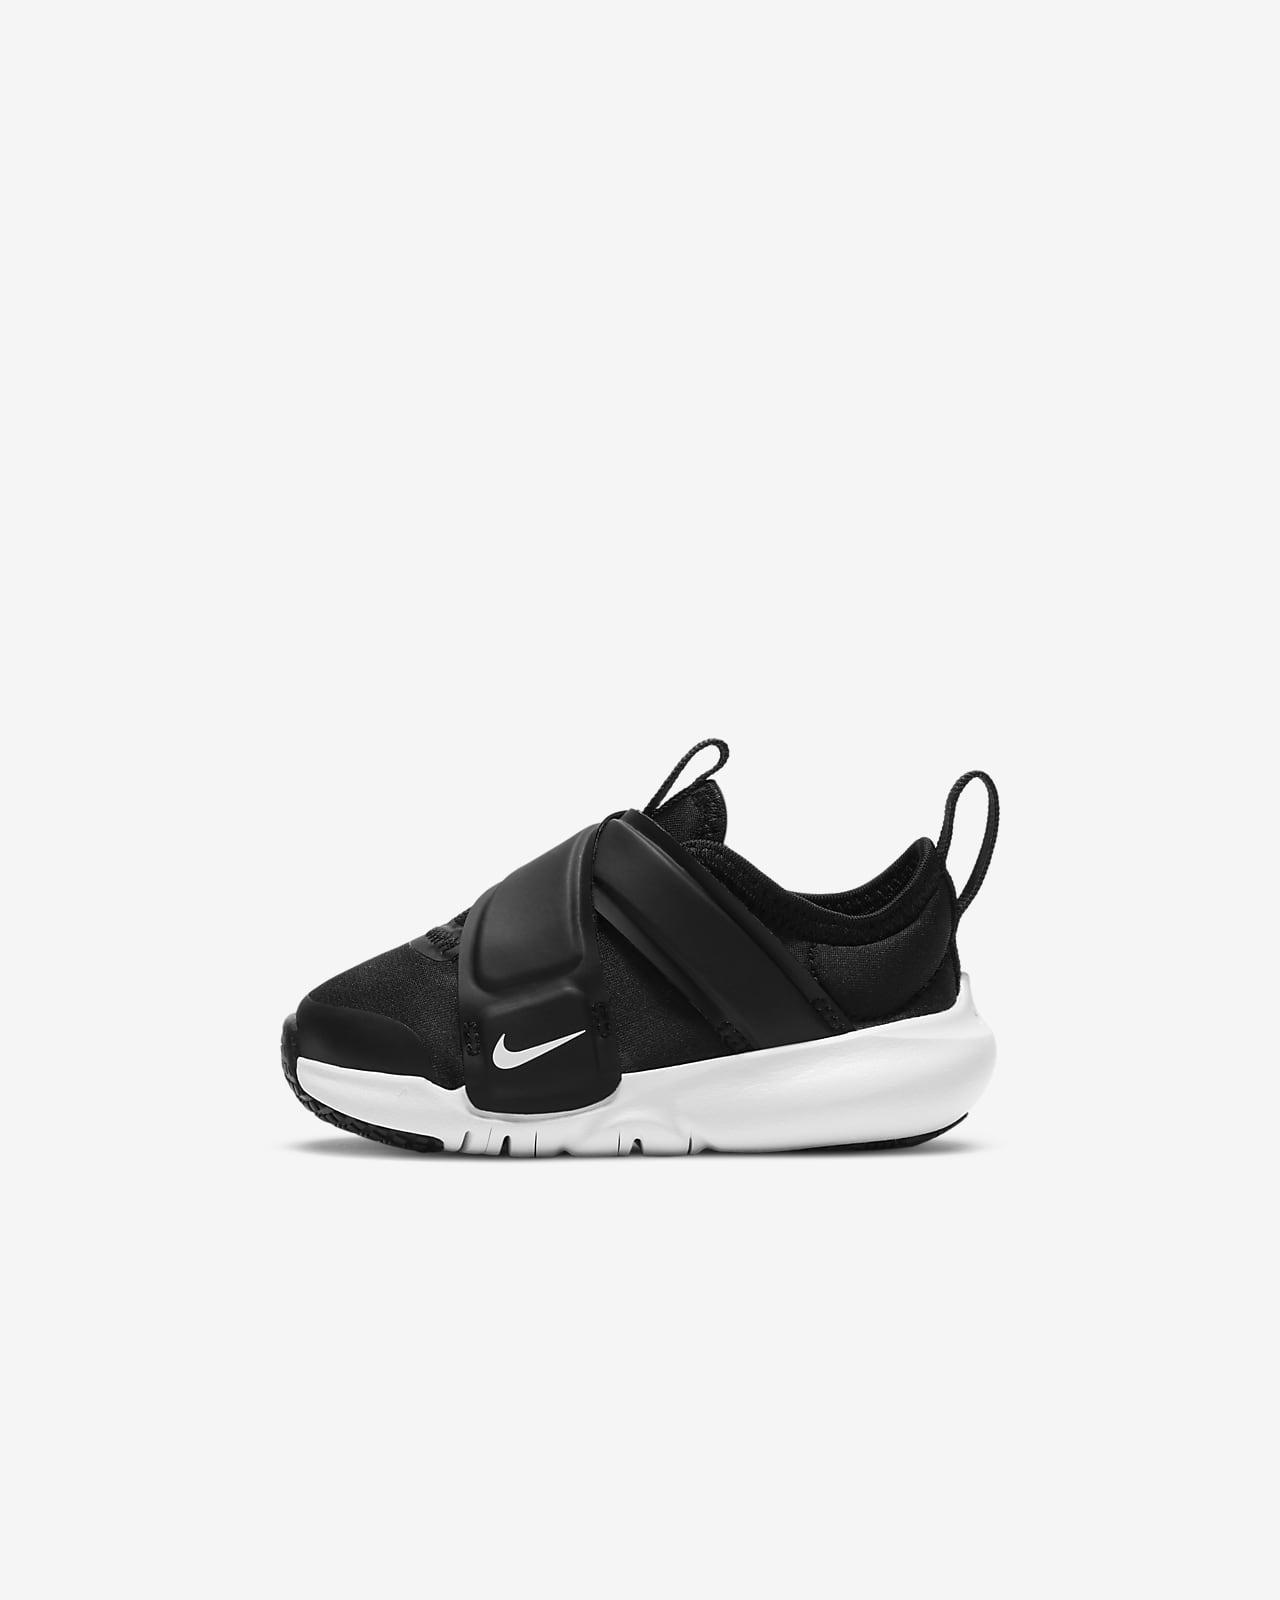 รองเท้าทารก/เด็กวัยหัดเดิน Nike Flex Advance